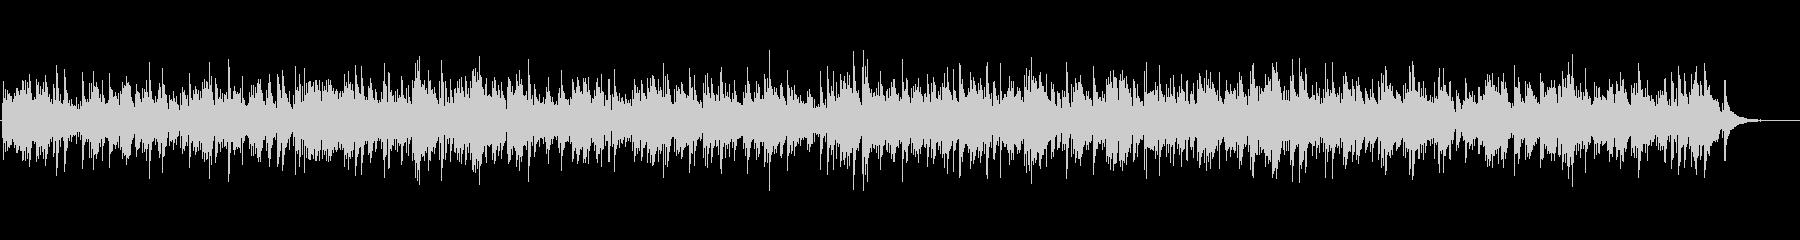 アコギの音色が優しいフォークギターデュオの未再生の波形